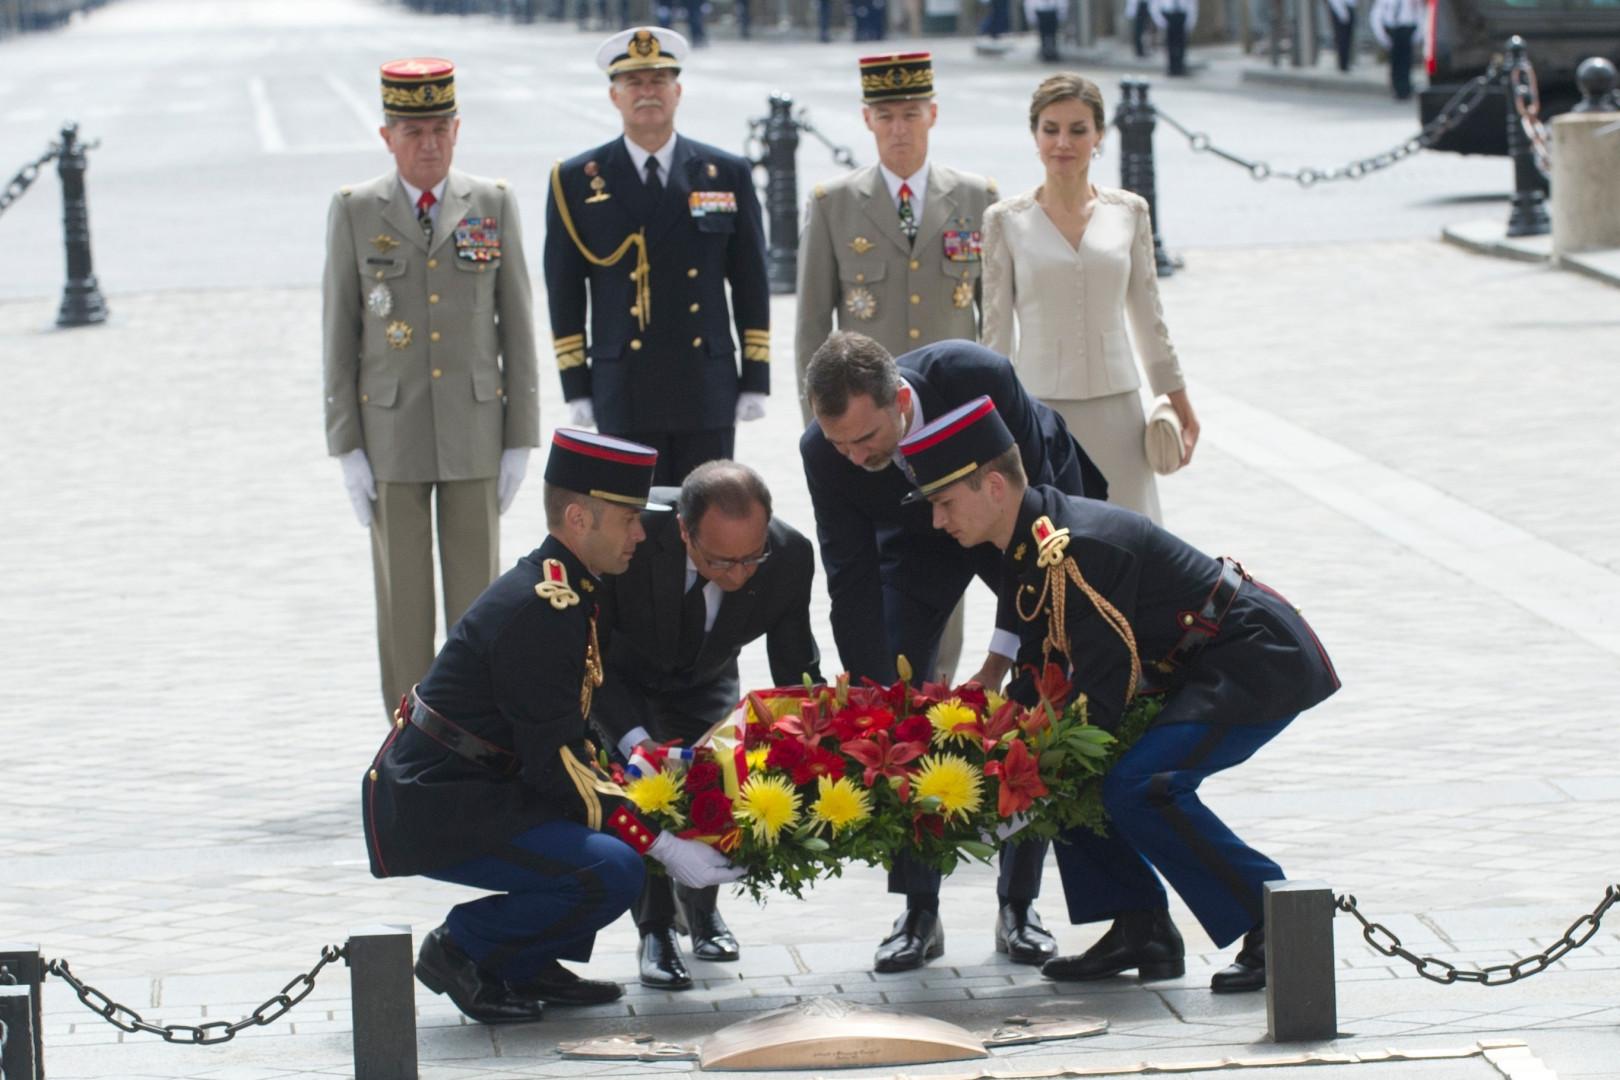 Felipe d'Espagne et François Hollande déposent une gerbe de fleurs devant l'Arc de Triomphe